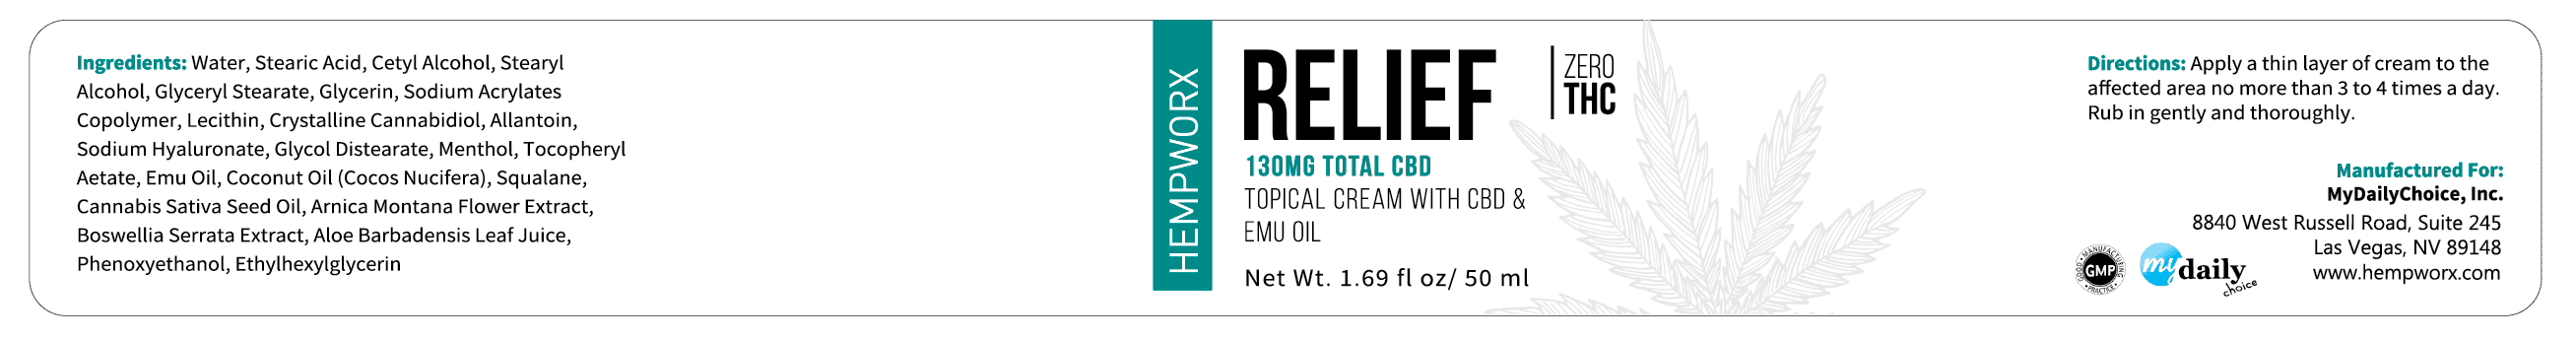 HempWorx Relief 50ml label ingredients